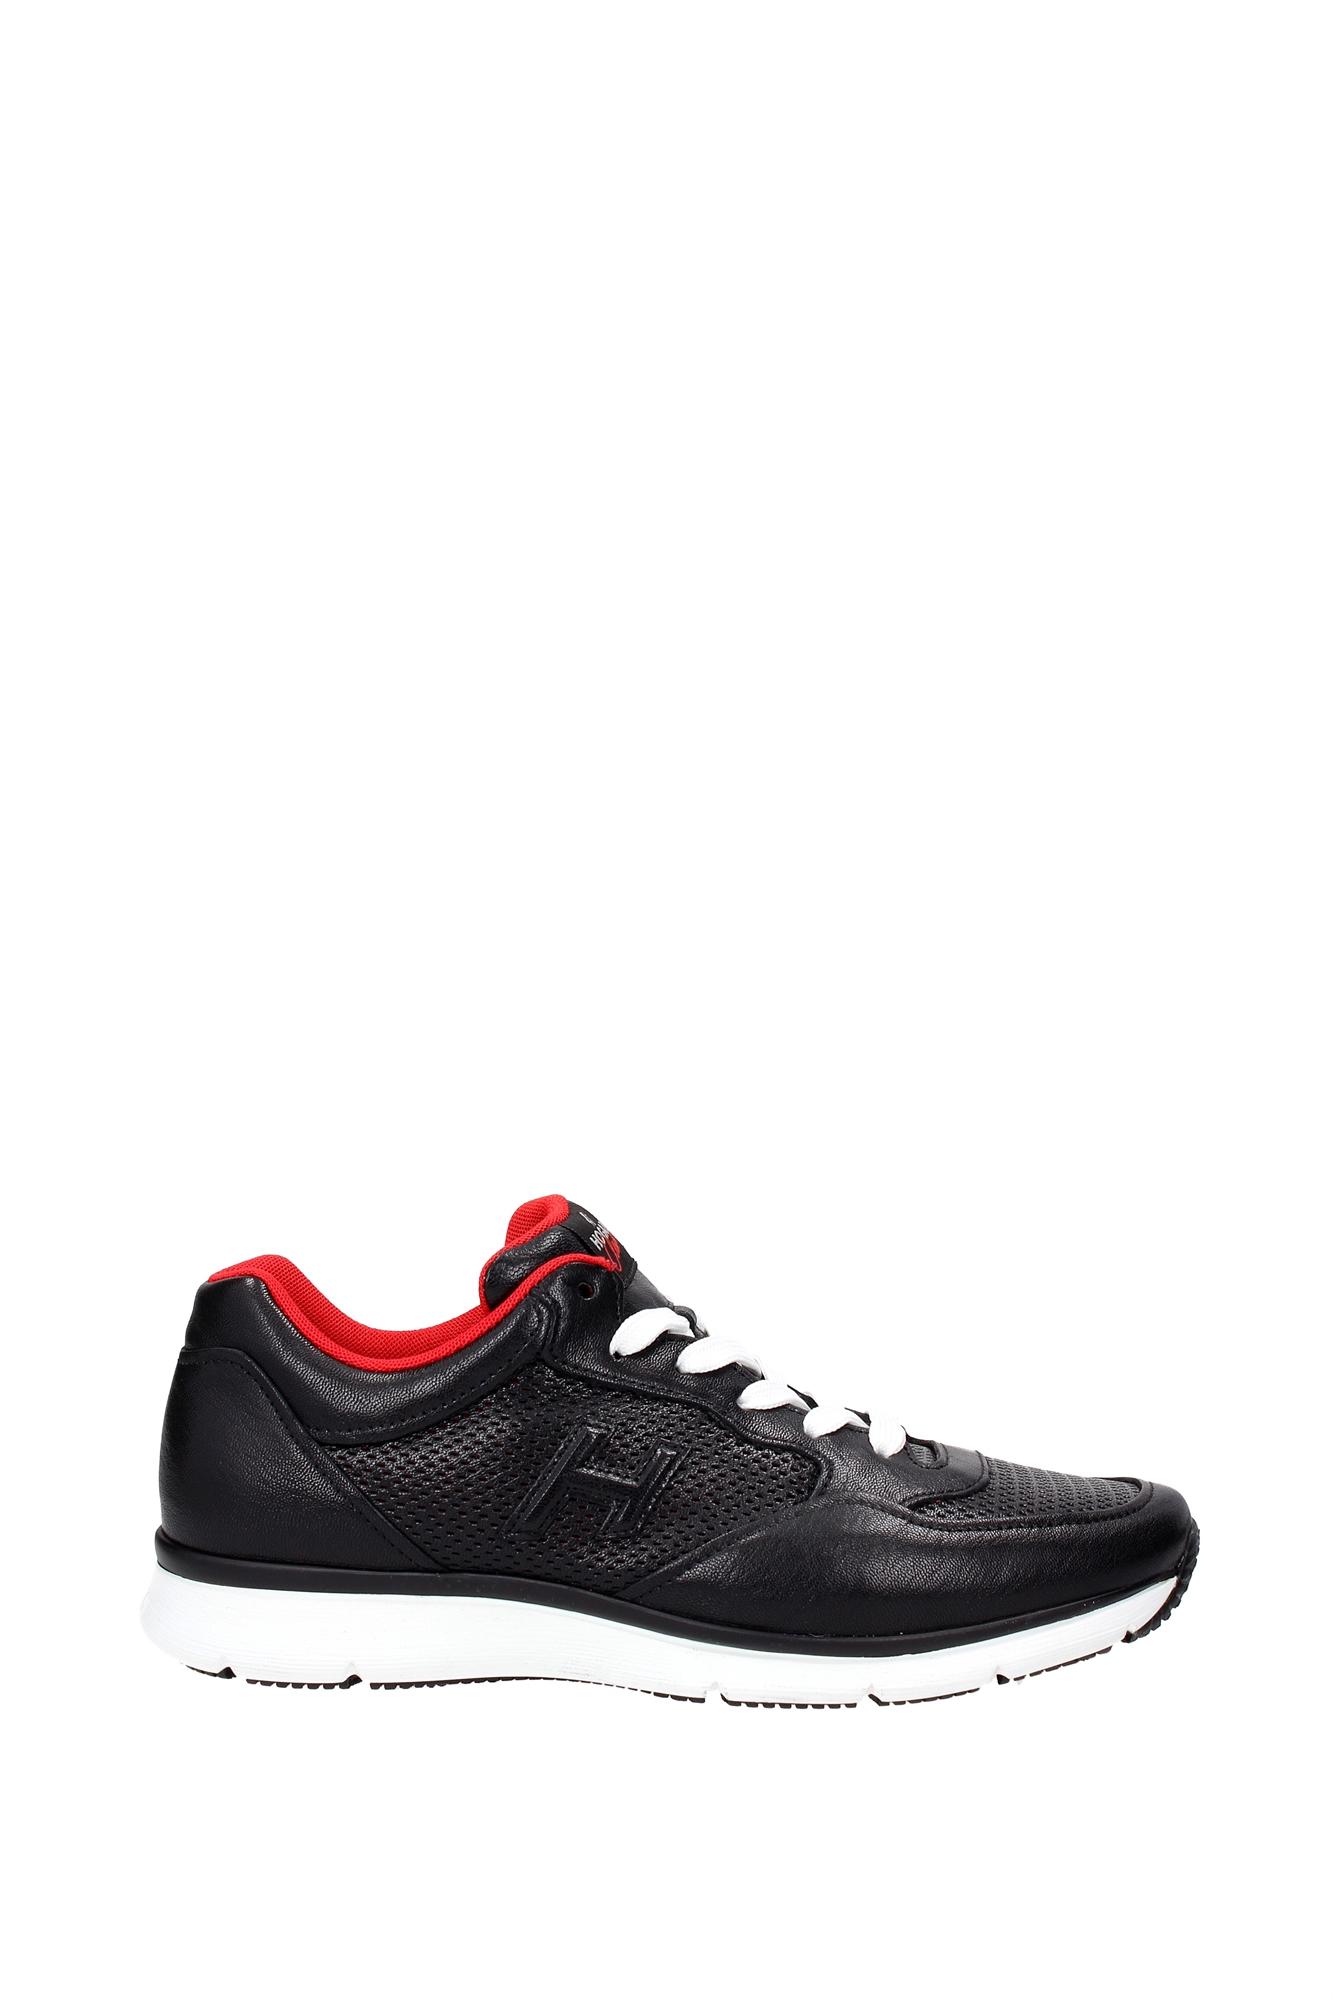 Sneakers-Hogan-Herren-GYM2540V960BU6B999